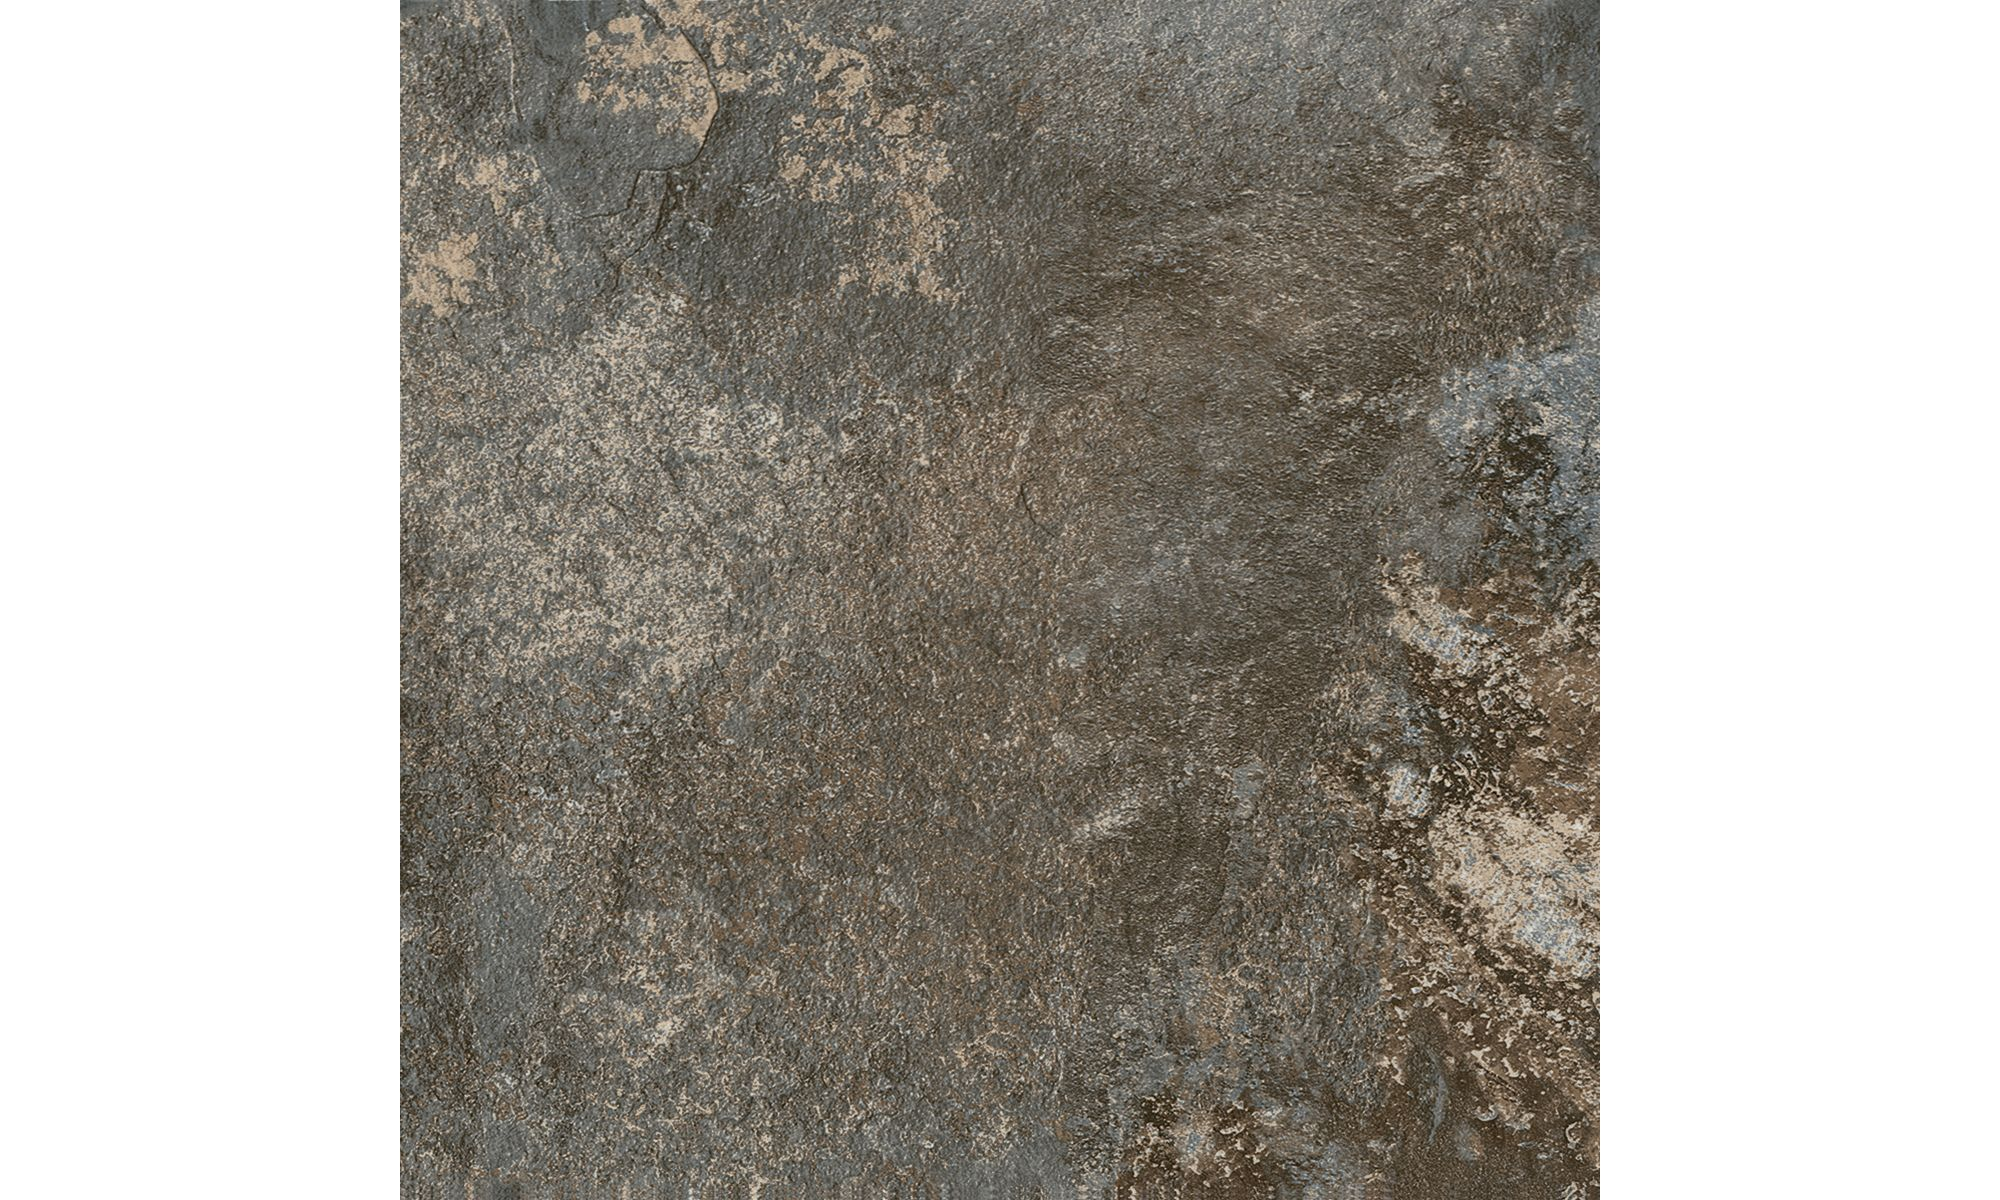 armstrong flooring 12 x 24 vinyl floor tile 30 sf pack heather brown